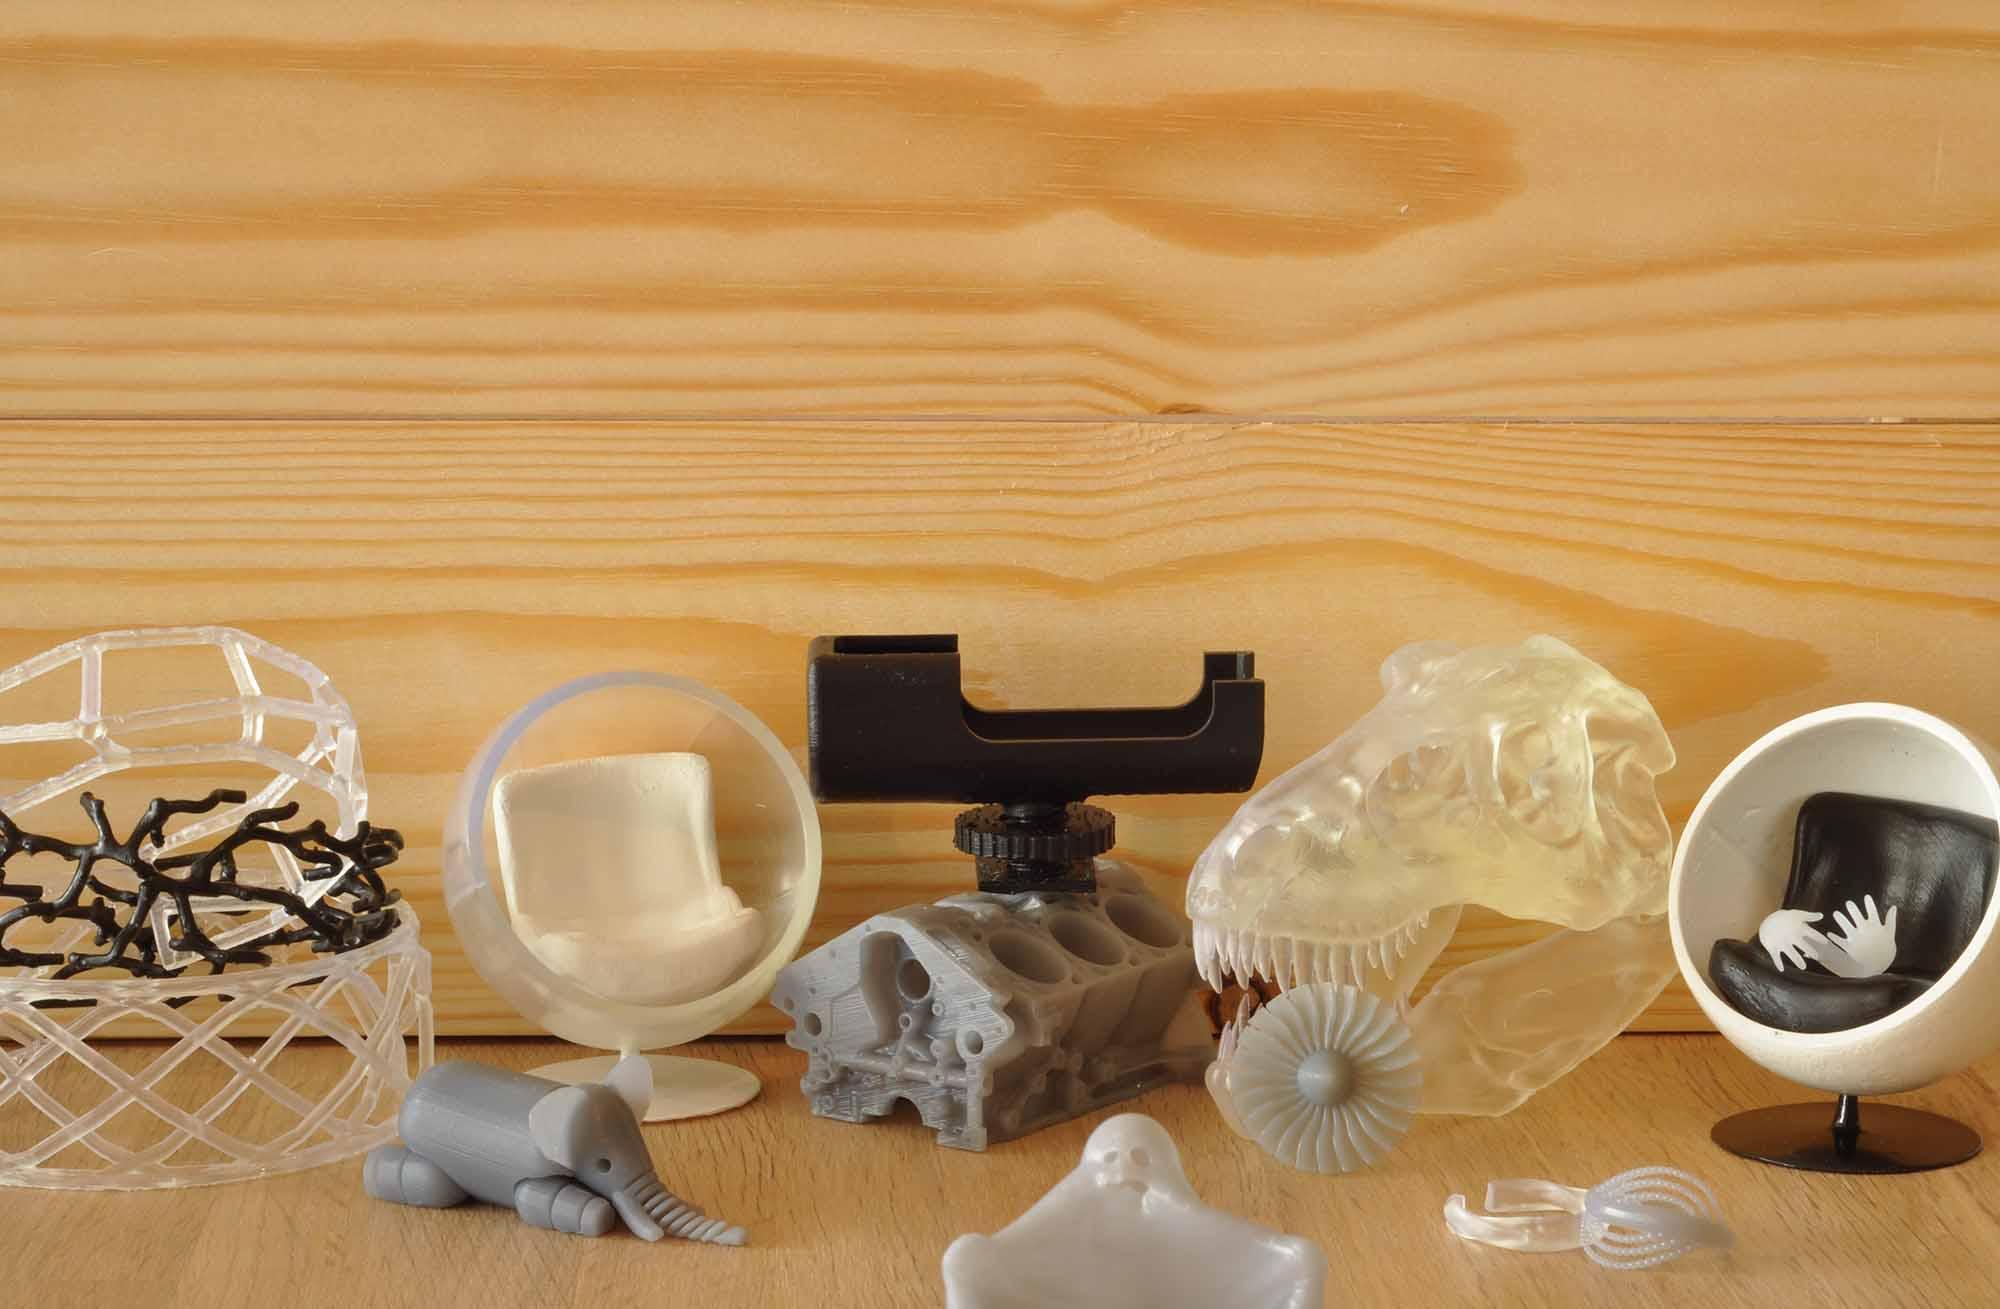 Mix of 3D printed models